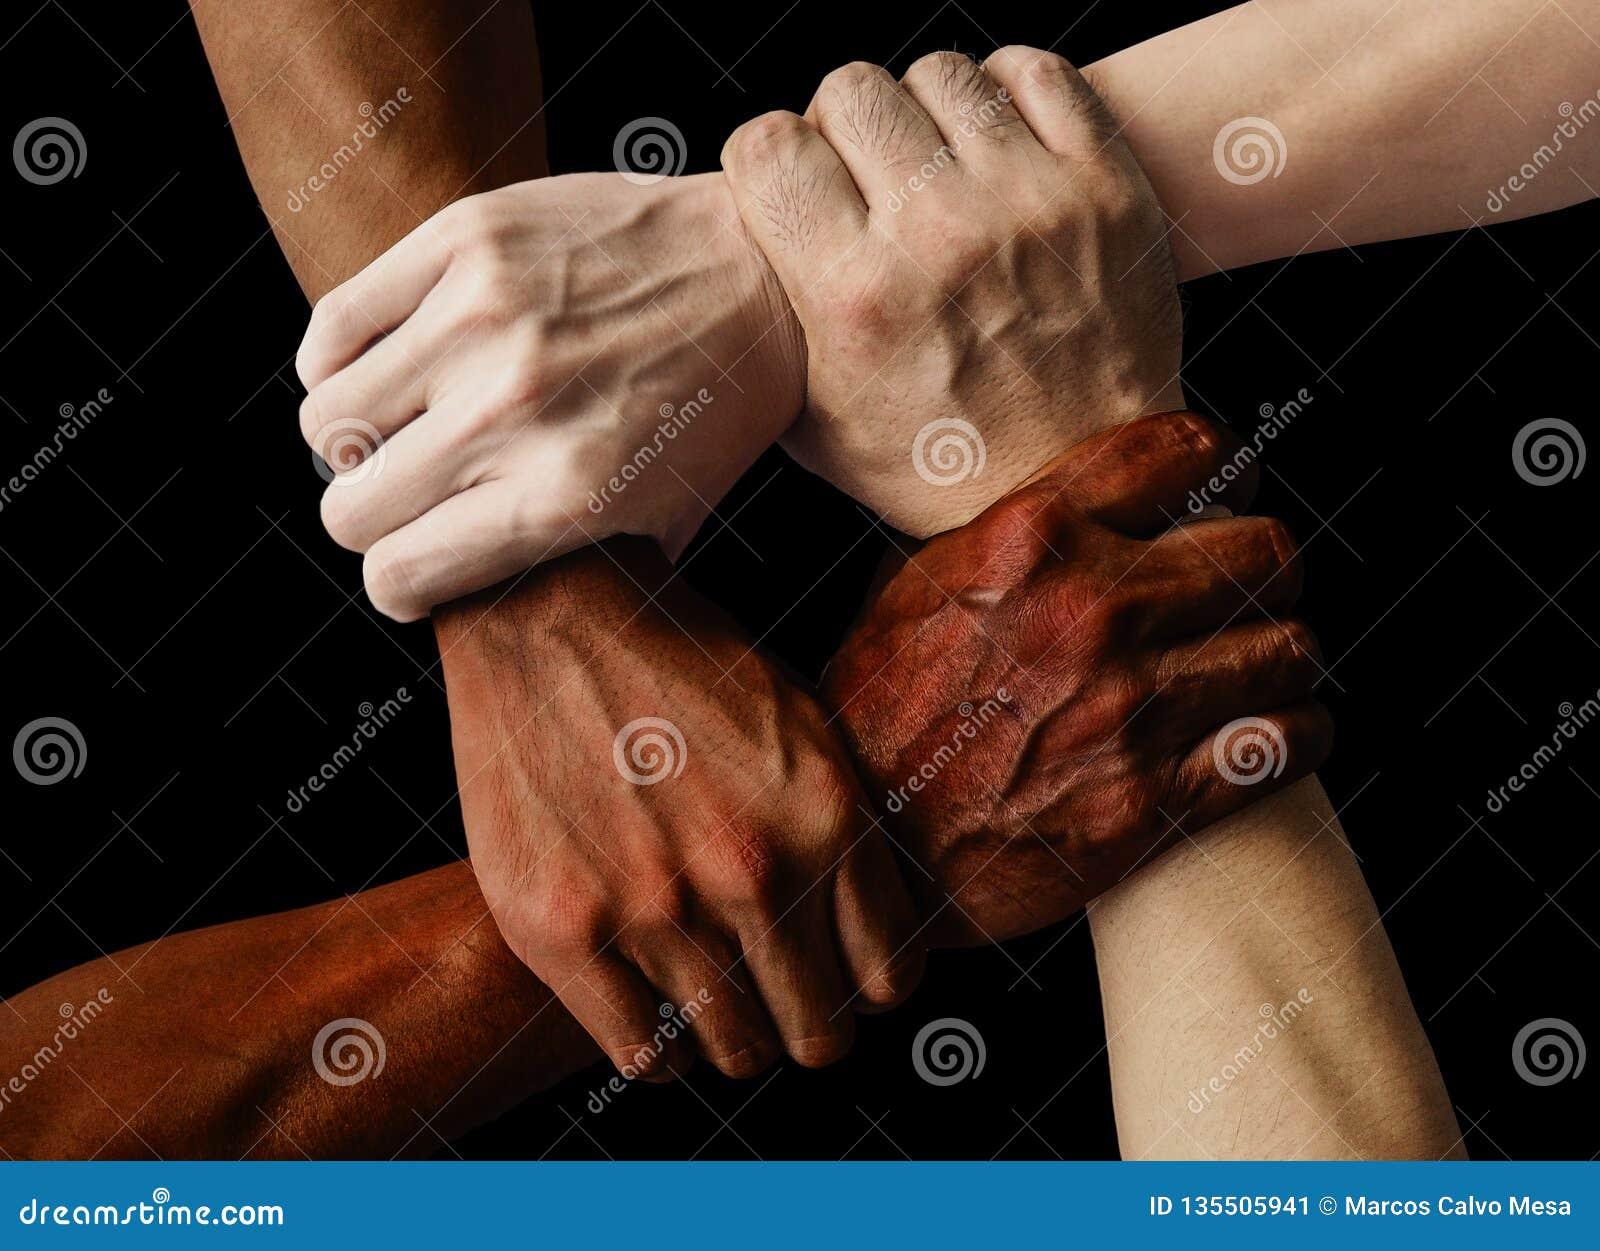 Grupo multirracial con las manos caucásicas y asiáticas afroamericanas negras que se detienen muñeca en amor de la unidad de la t